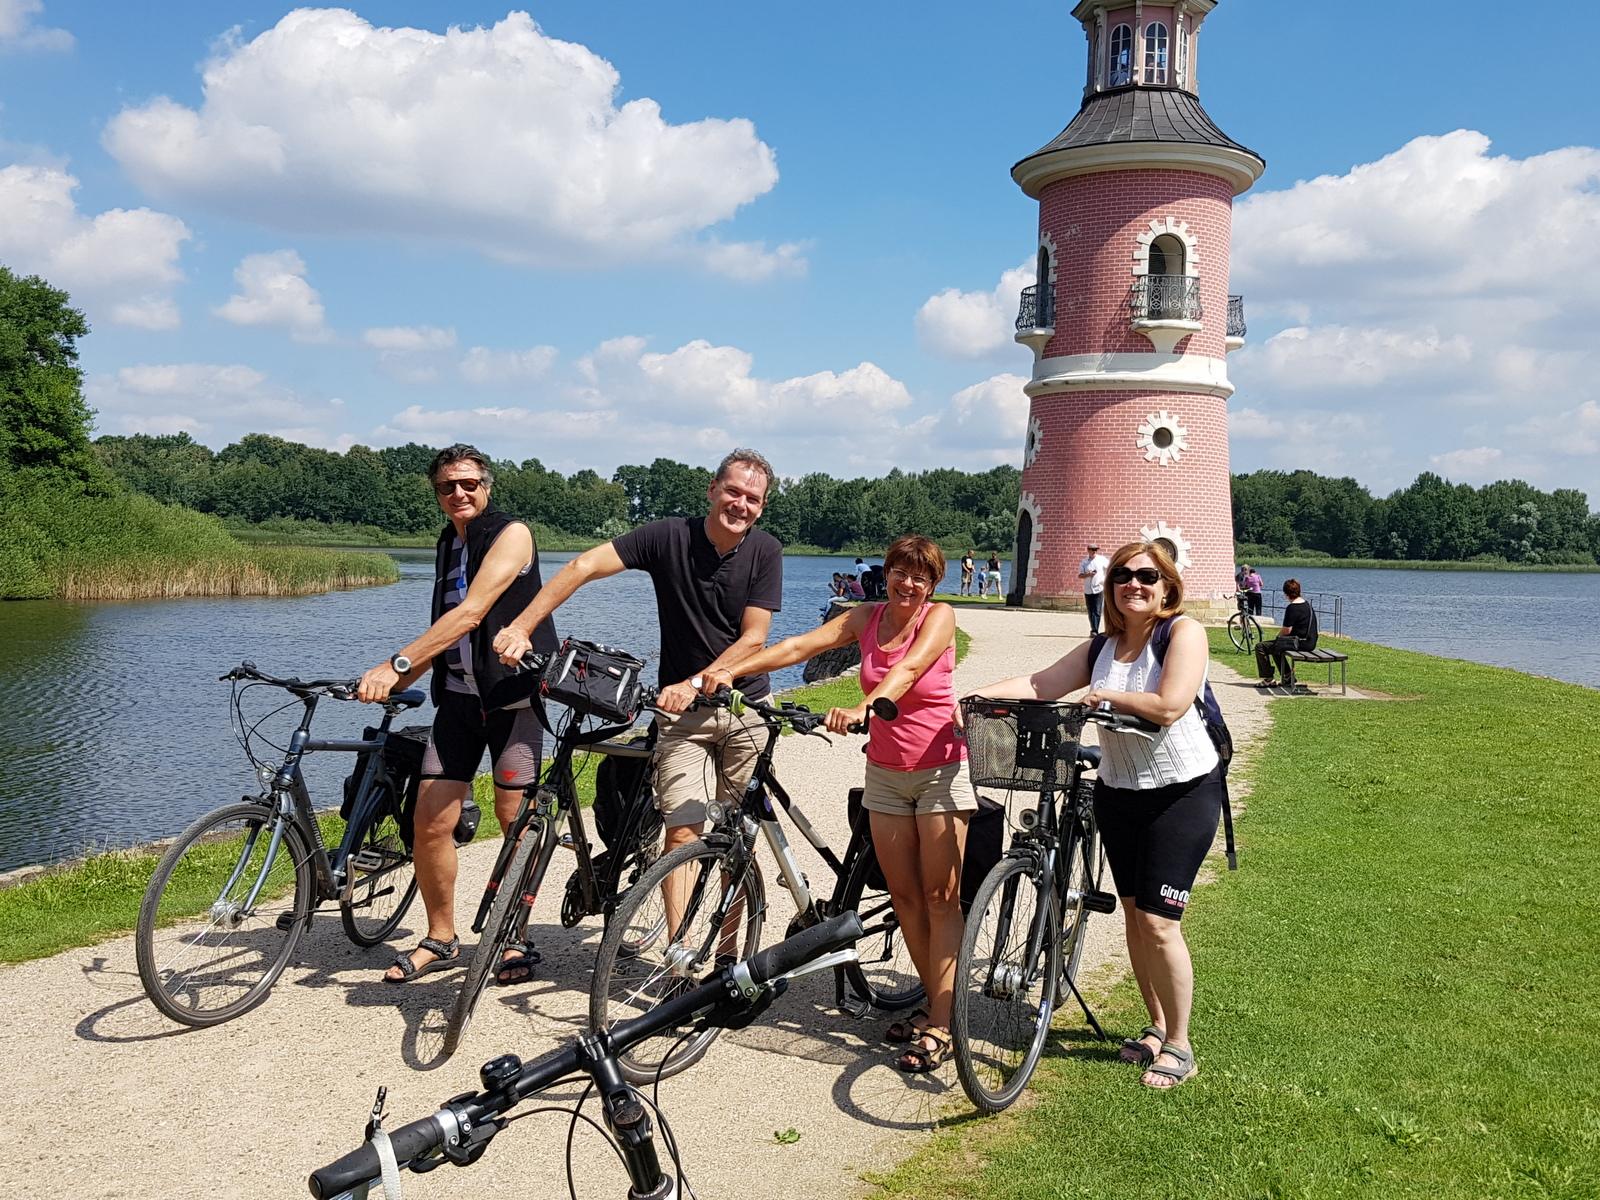 Italien zu Gast im Elbland, Fahrradtour nach Moritzburg mit Fasanaschlösschen und Leuchtturm